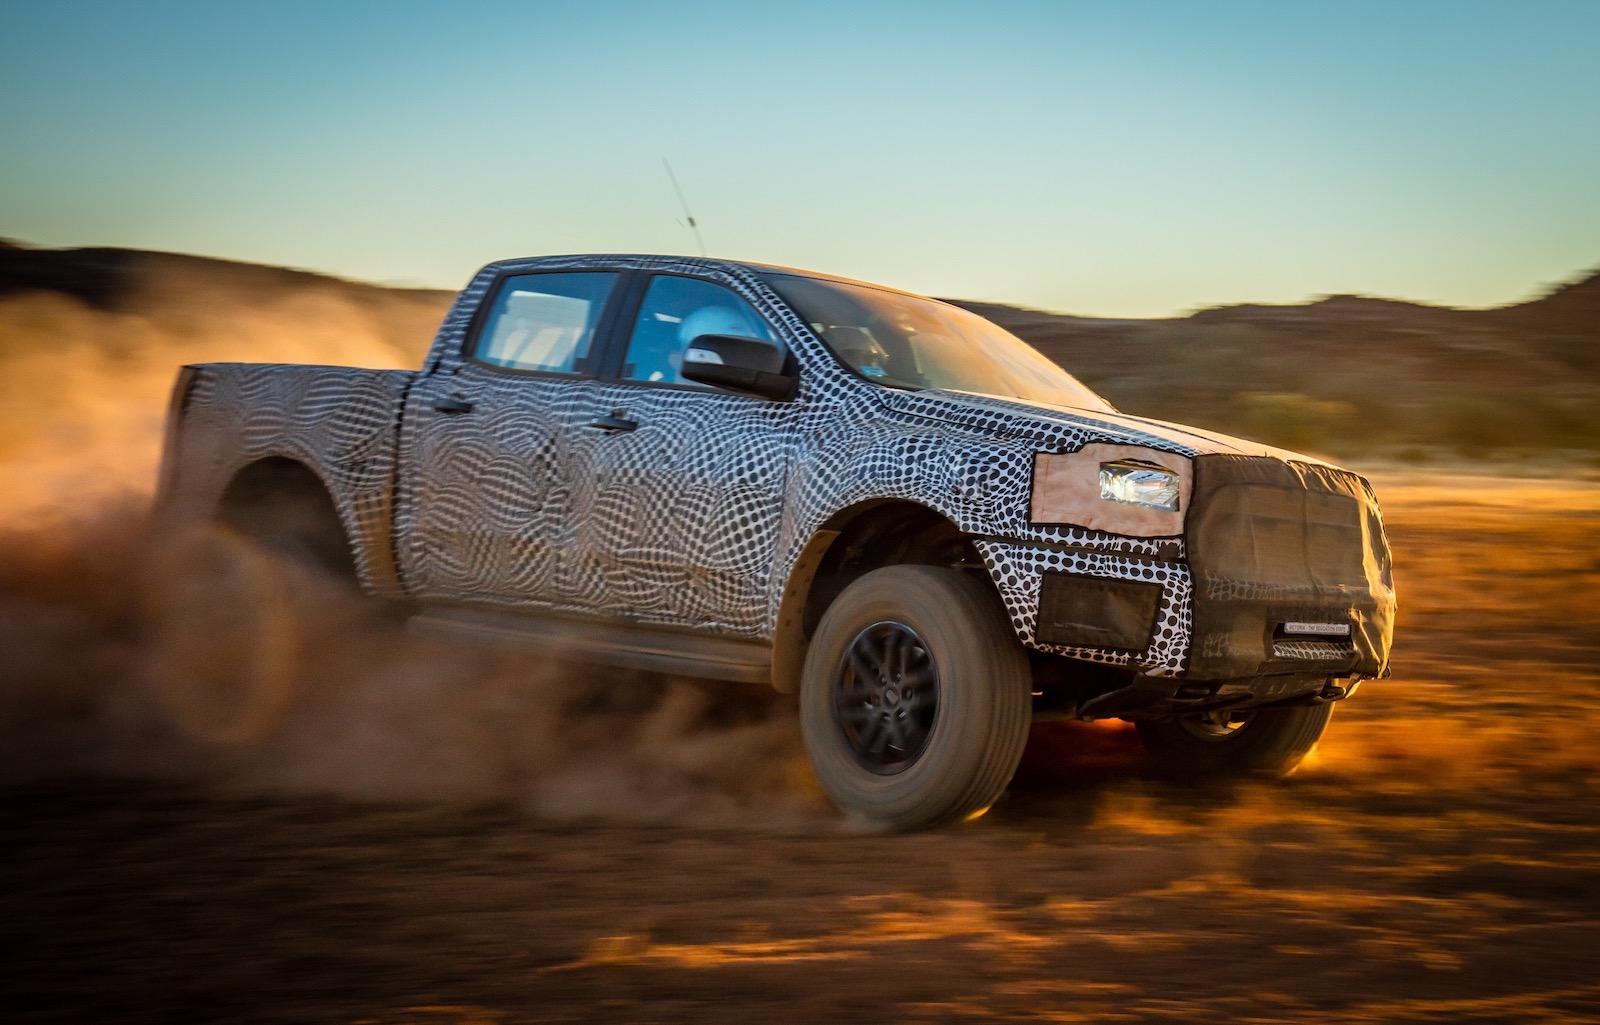 ford ranger raptor confirmed on sale in australia in 2018 performancedrive. Black Bedroom Furniture Sets. Home Design Ideas